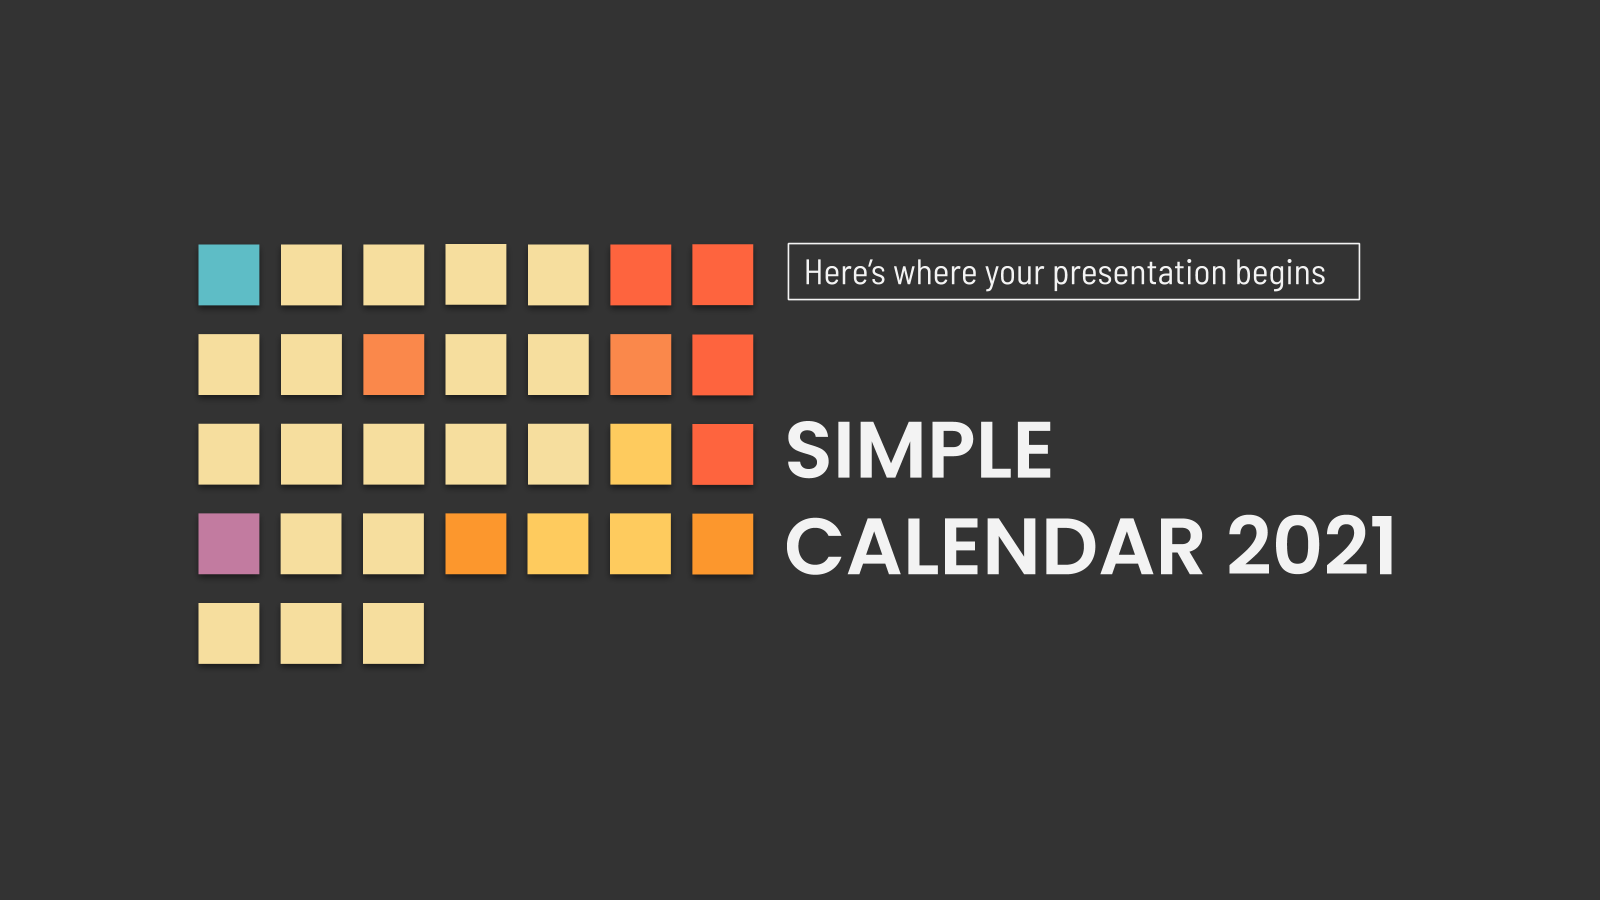 Calendrier 2021 simple : Modèles de présentation